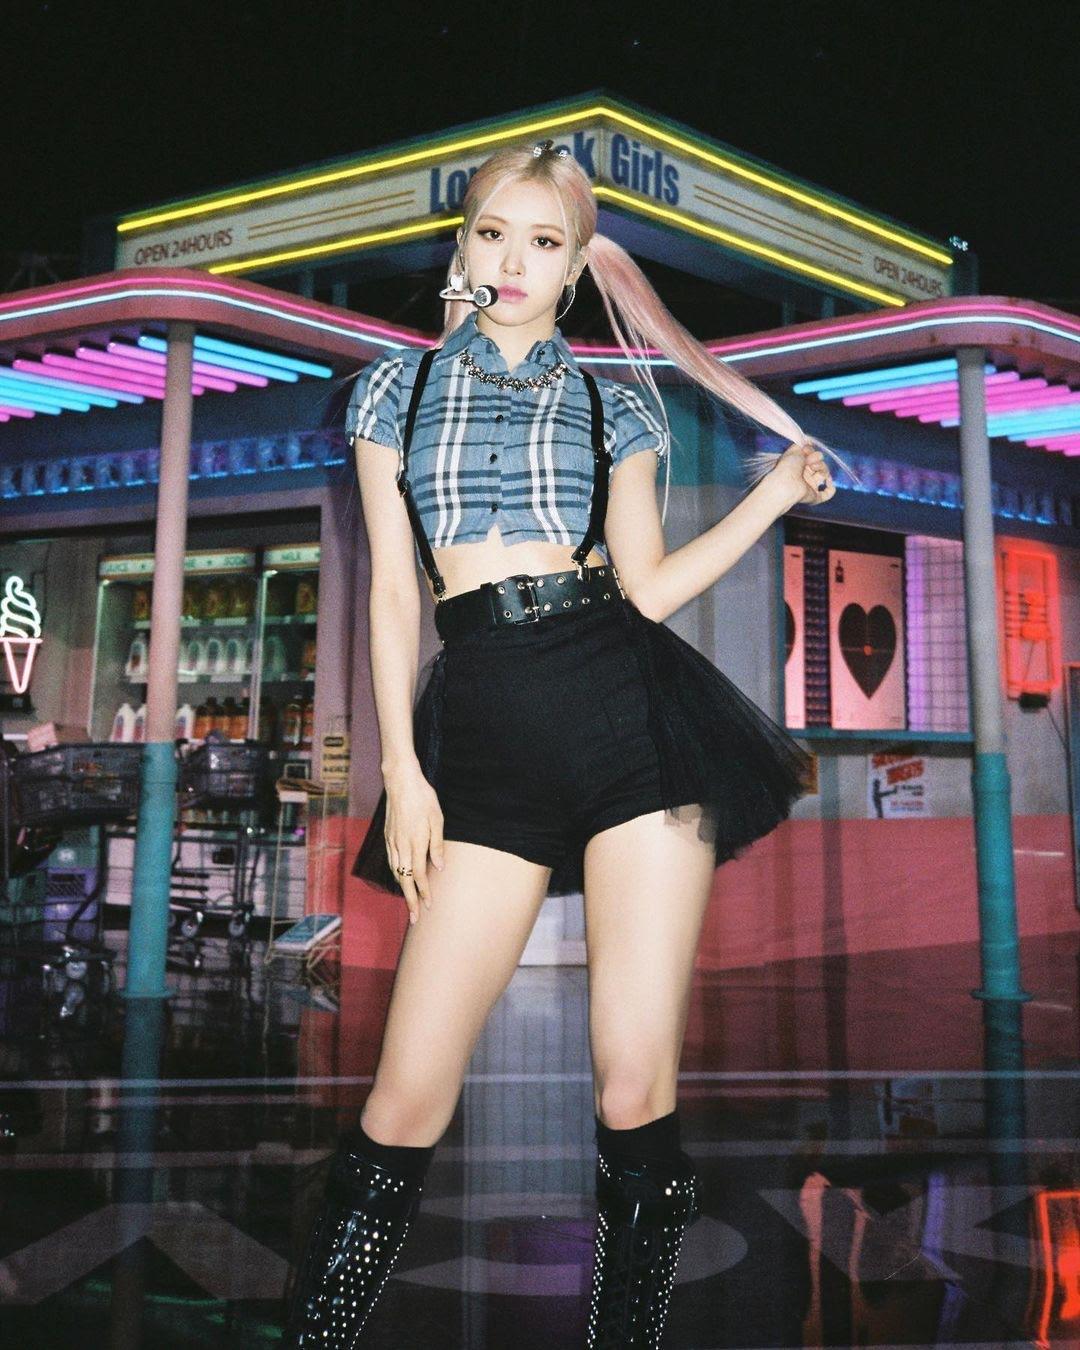 BLACKPINK Rose朴彩英晒自拍照套图 黑色连衣裙搭配白色荷叶领纯属优雅